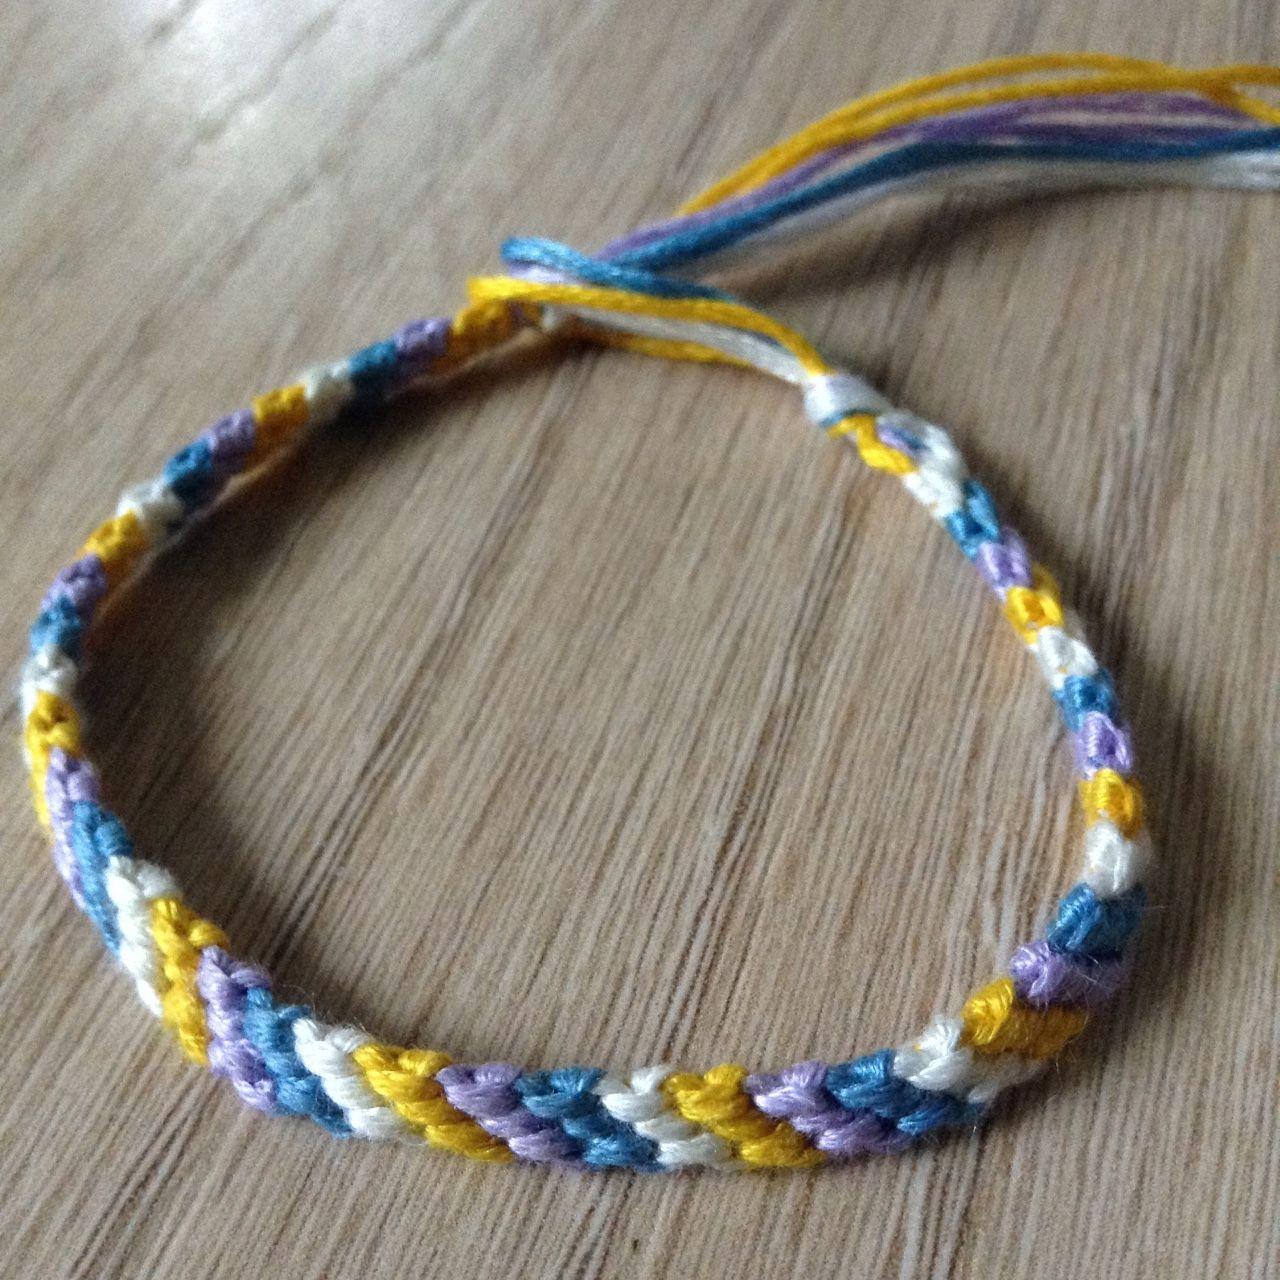 4ed6f746a Listed on Depop by marlarbracelets | MarlarBracelets | Purple, Blue ...